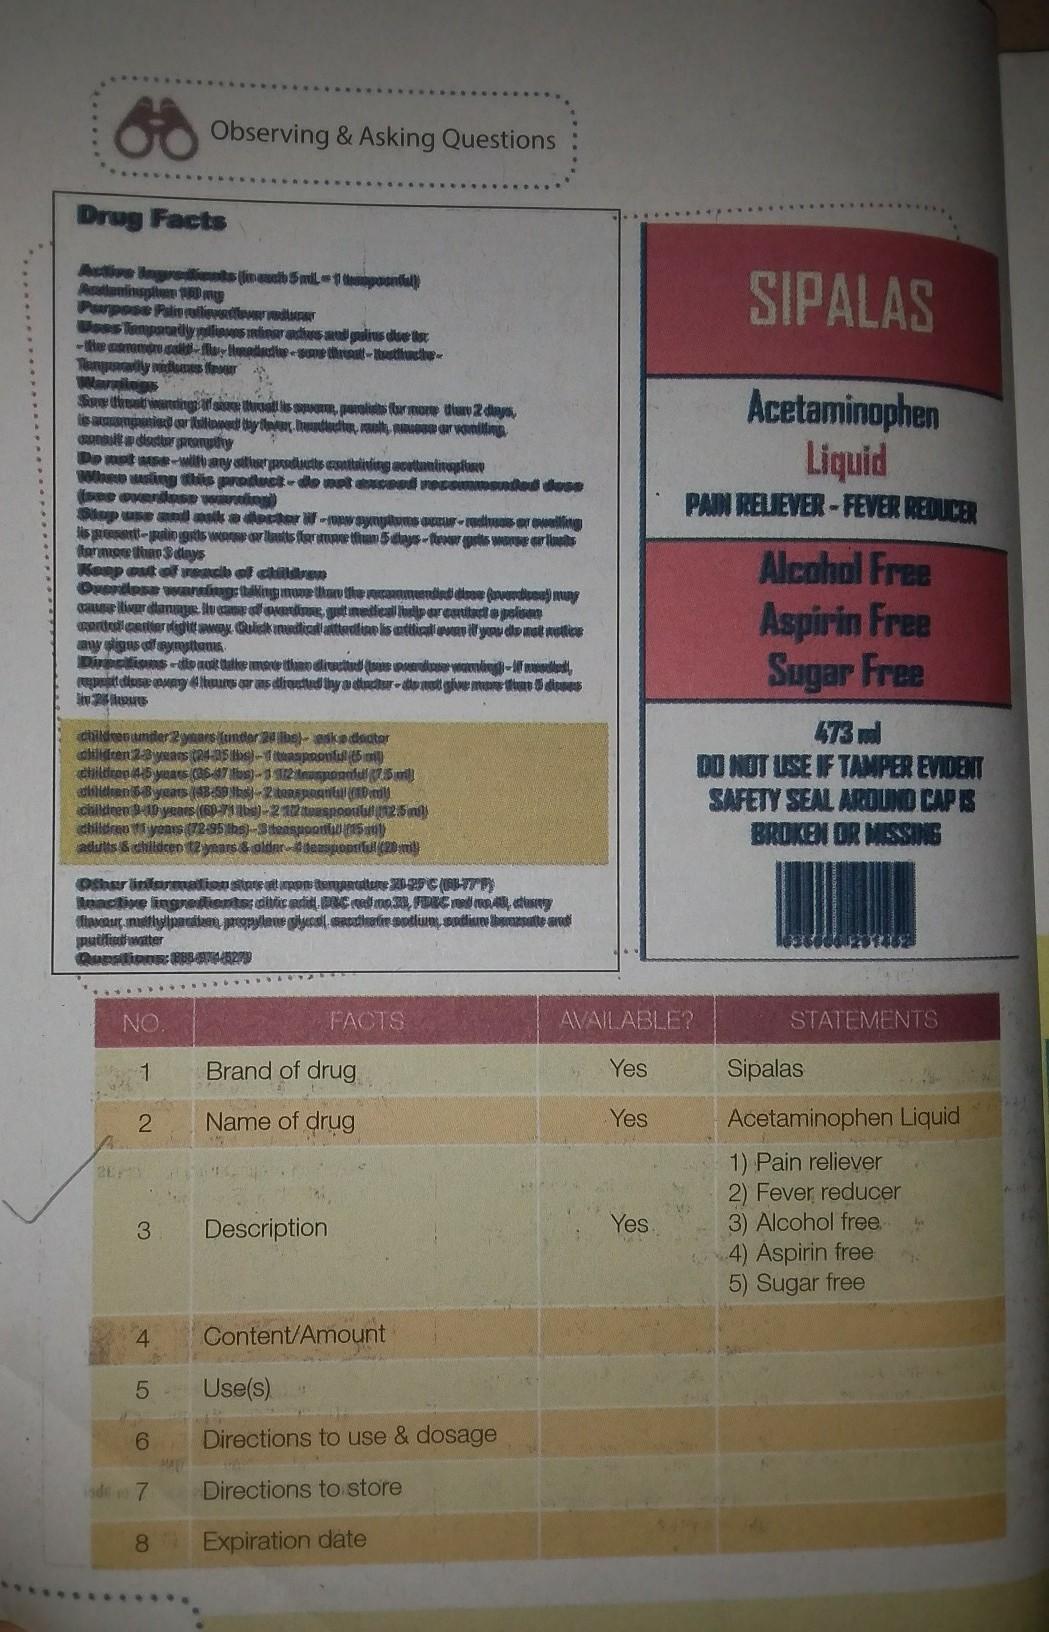 50 Poin Buku Paket Bahasa Inggris Kelas 9 Halaman 36 Tolong Bantu Jawab Terima Kasih Brainly Co Id